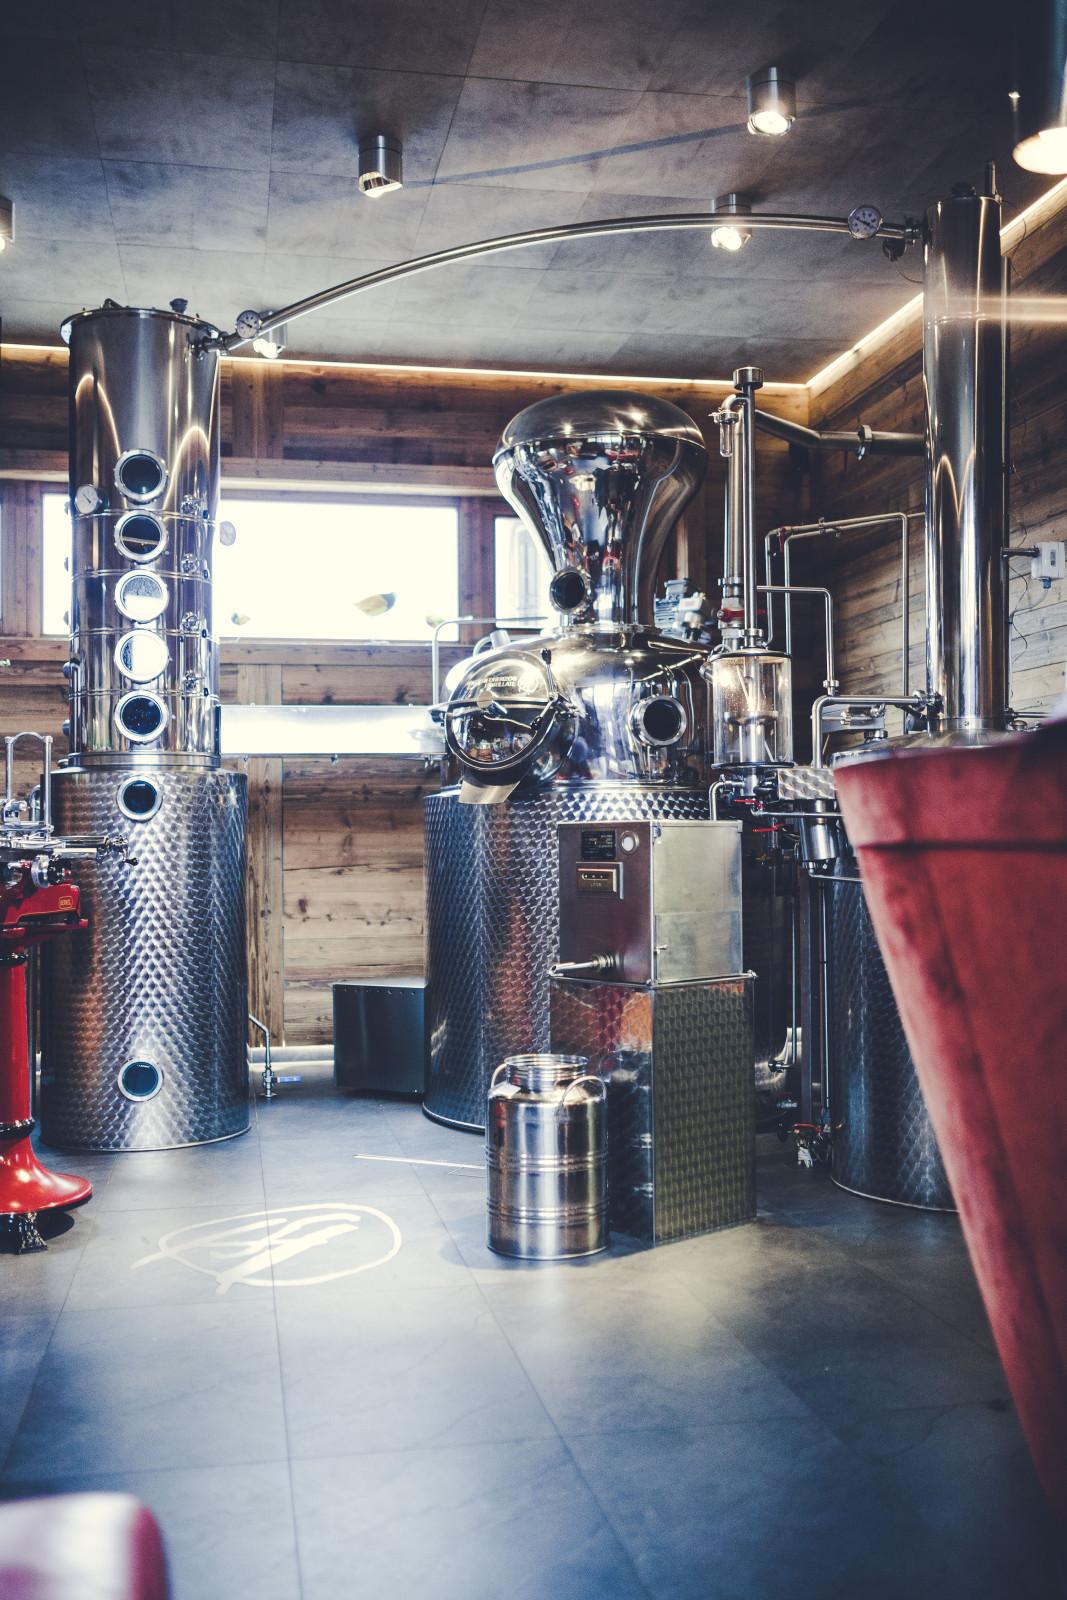 Modernste Technik, traditionelles Wissen und ein Gespür für das Handwerk und die Natur sind das Erfolgsrezept in der Destillerie Herzog ©Destillerie Herzog